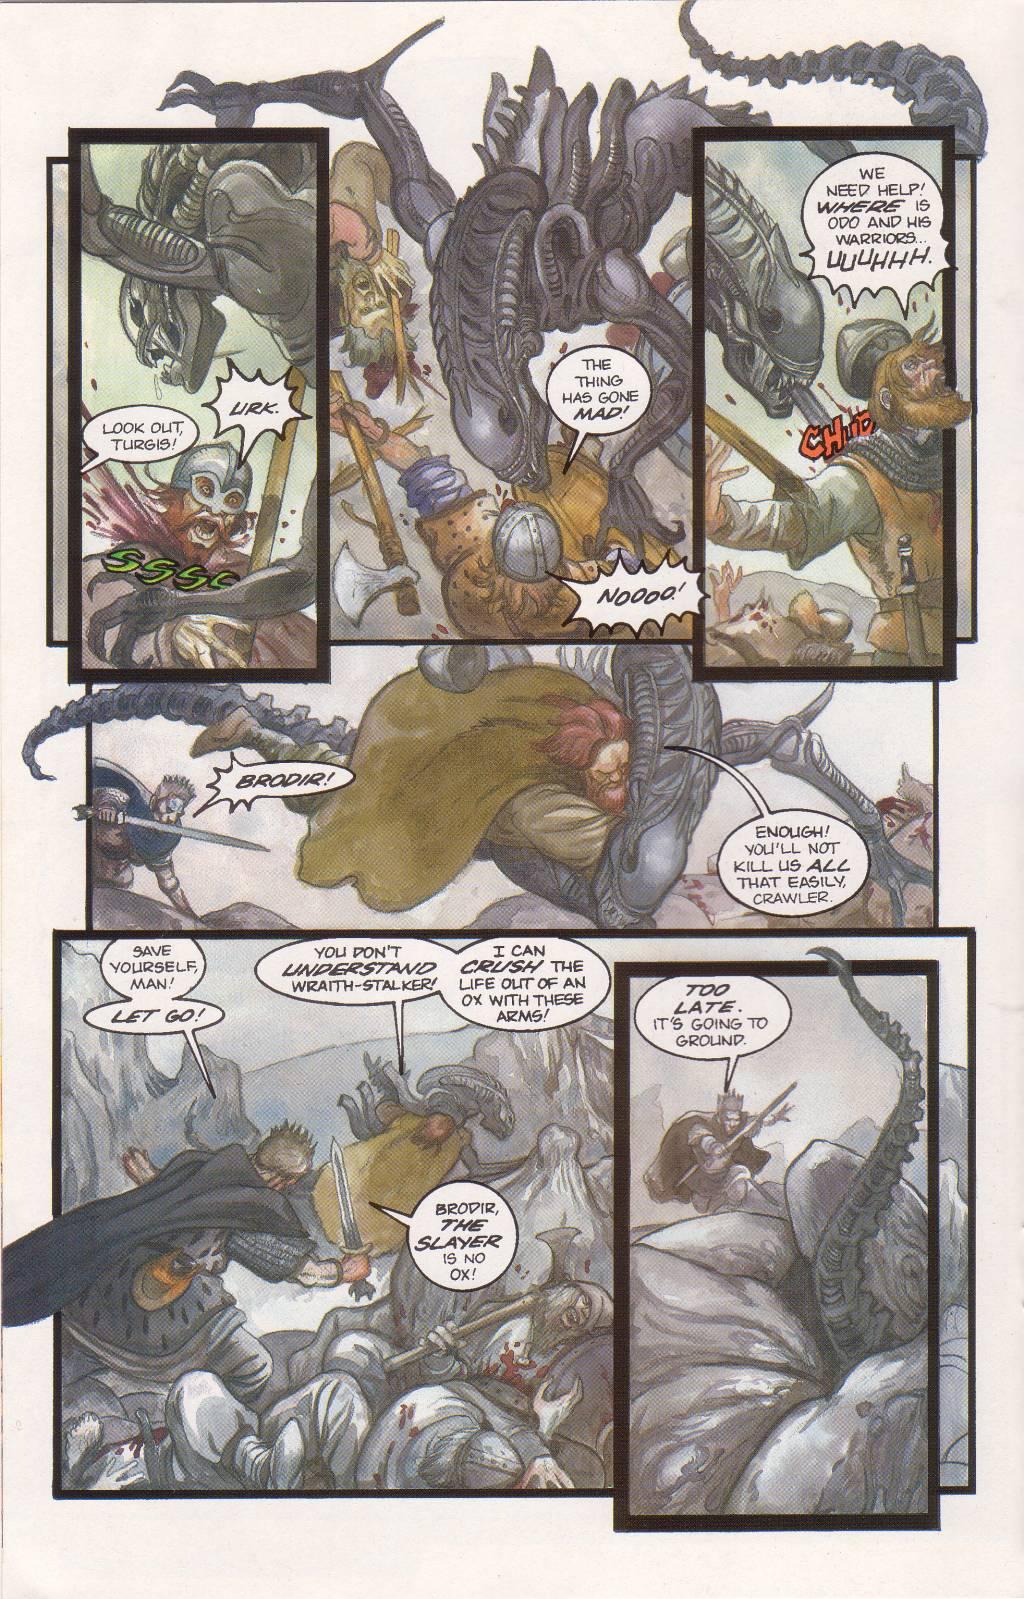 Бэтмен против Чужого?! Безумные комикс-кроссоверы сксеноморфами | Канобу - Изображение 20